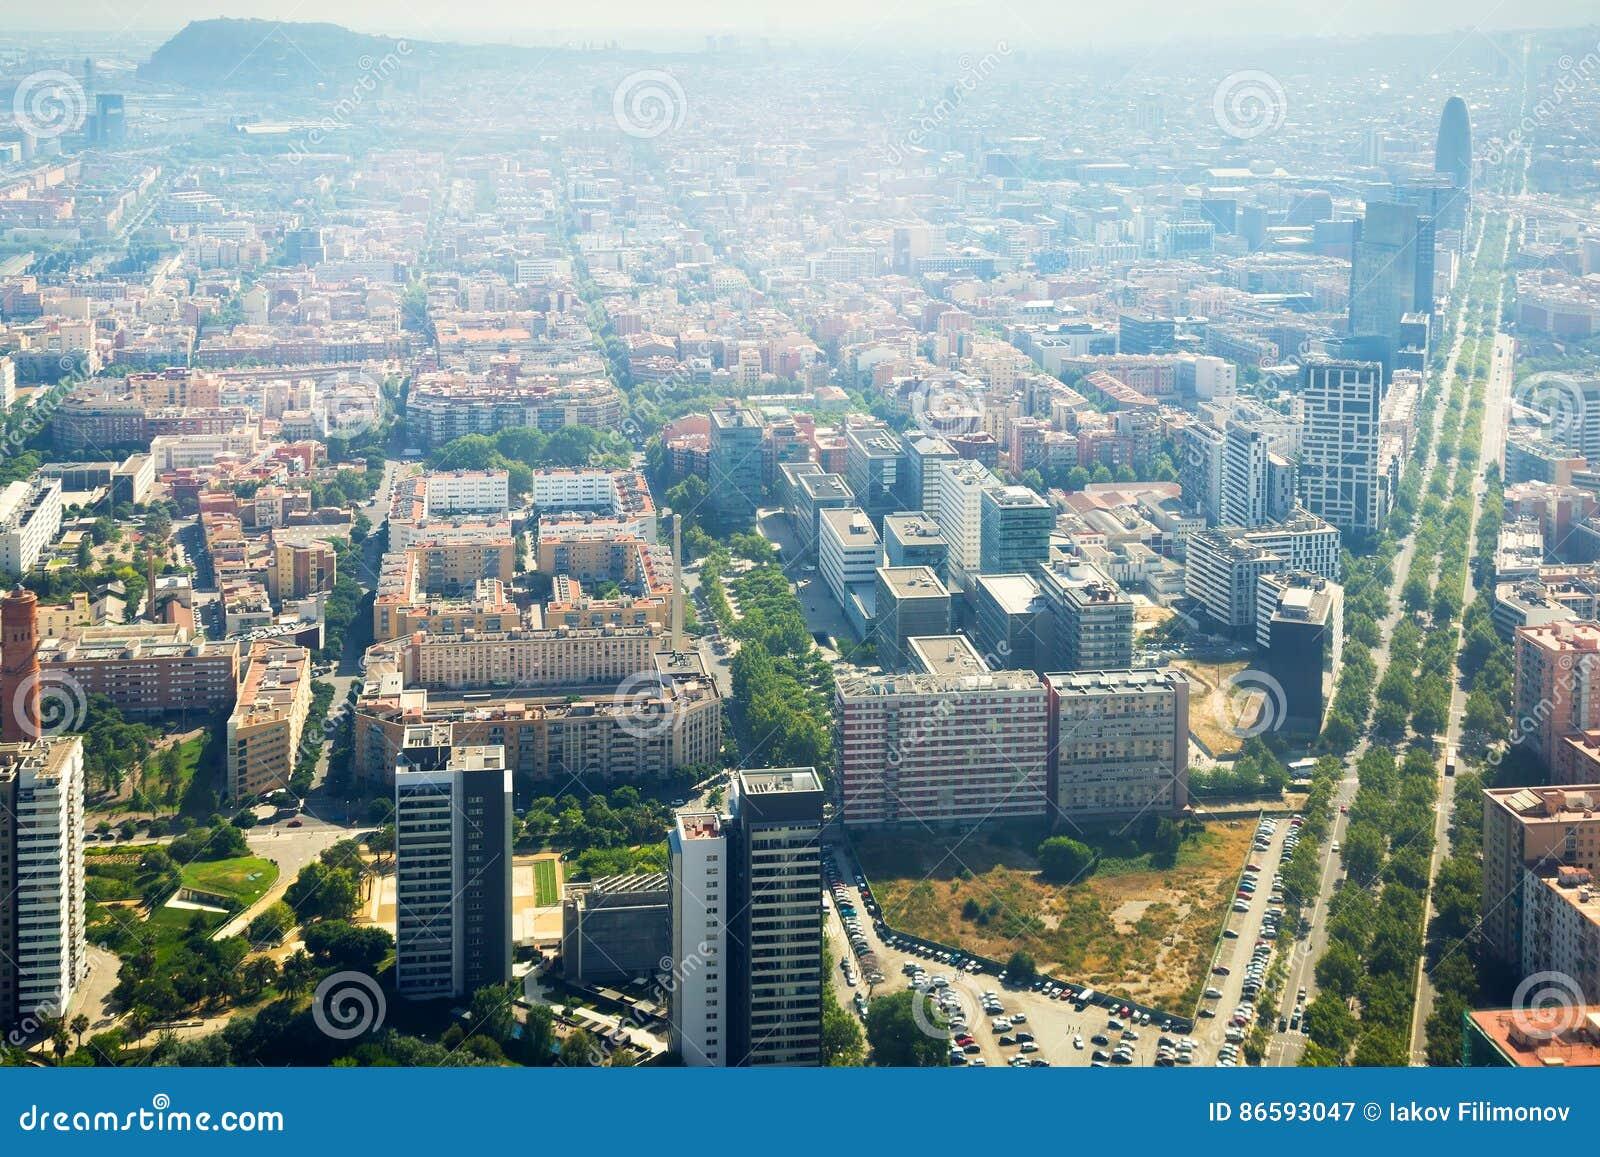 Vicinanze moderne di Barcellona in Spagna, vista aerea